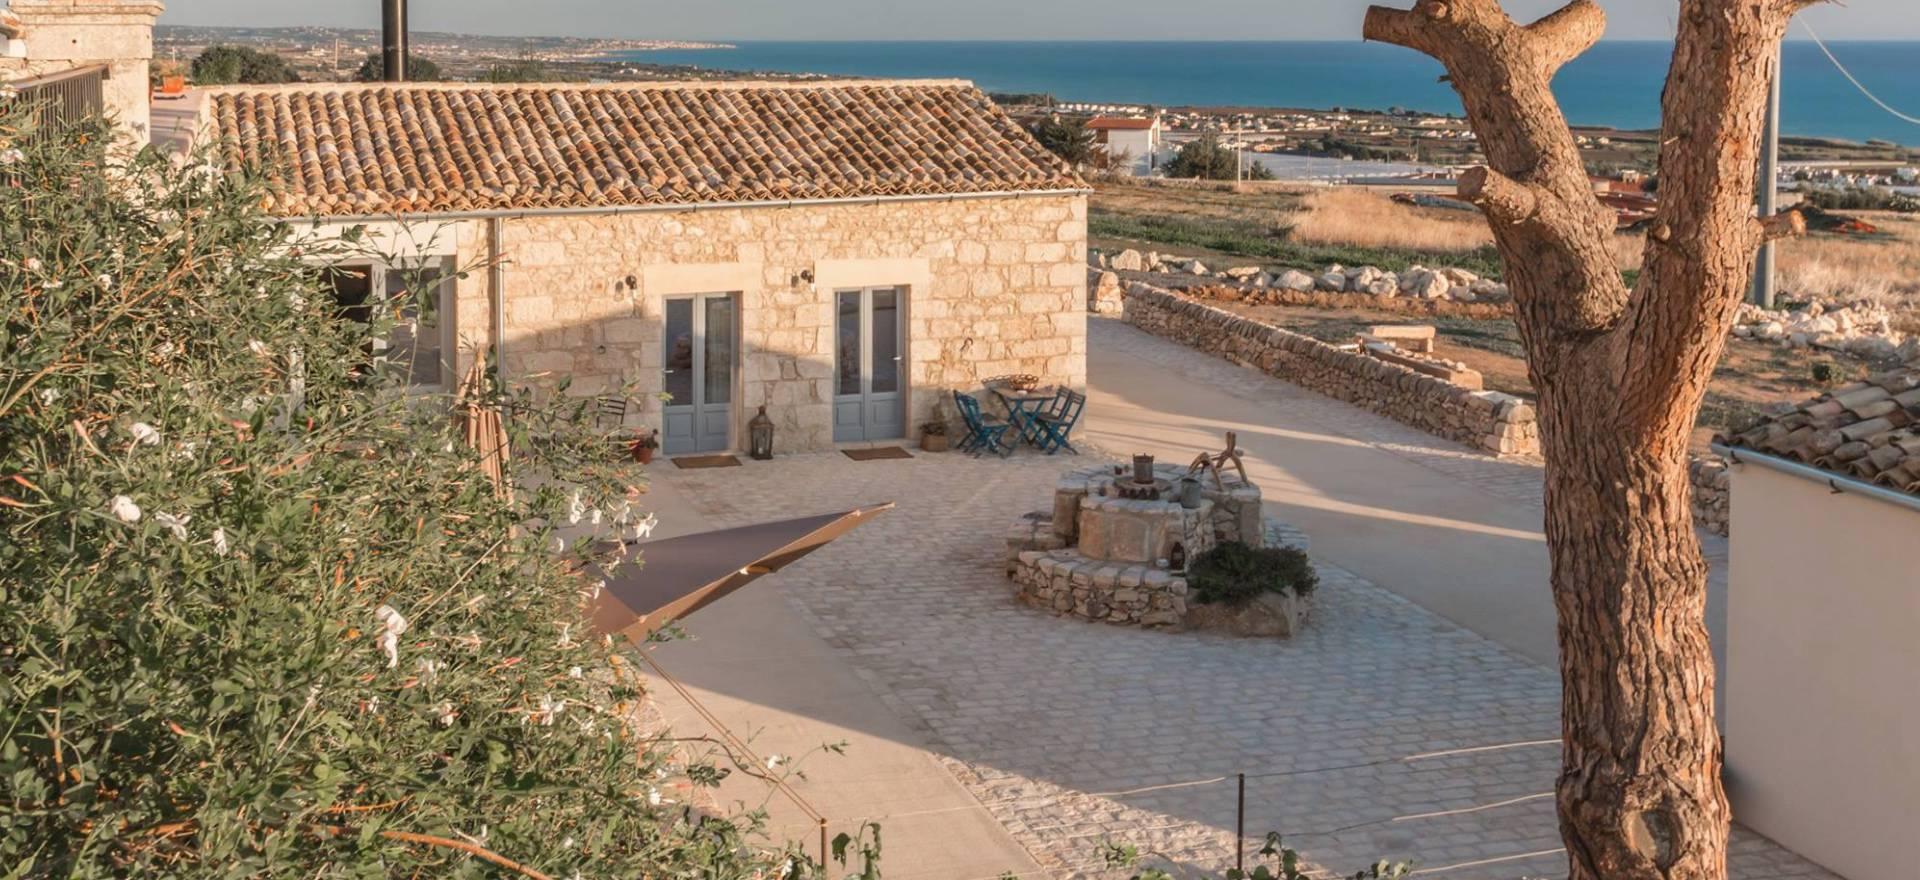 Agriturismo Sicilie Siciliaanse gastvrijheid en uitzicht op zee!